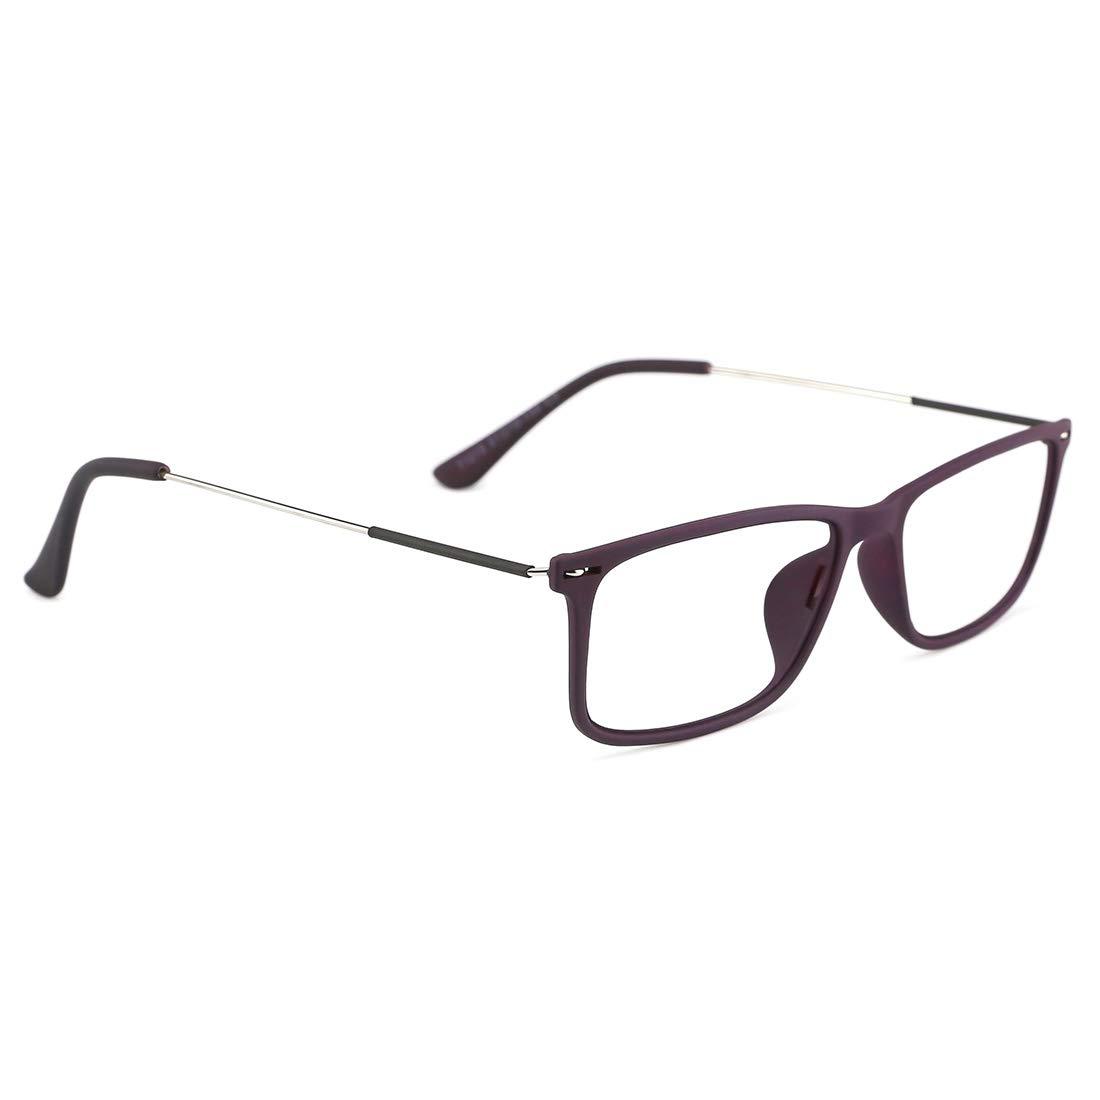 TIJN Ultraleichte quadratische Lesebrille Anti-Blaulicht Brillen Computerbrillen f/ür Damen Herren